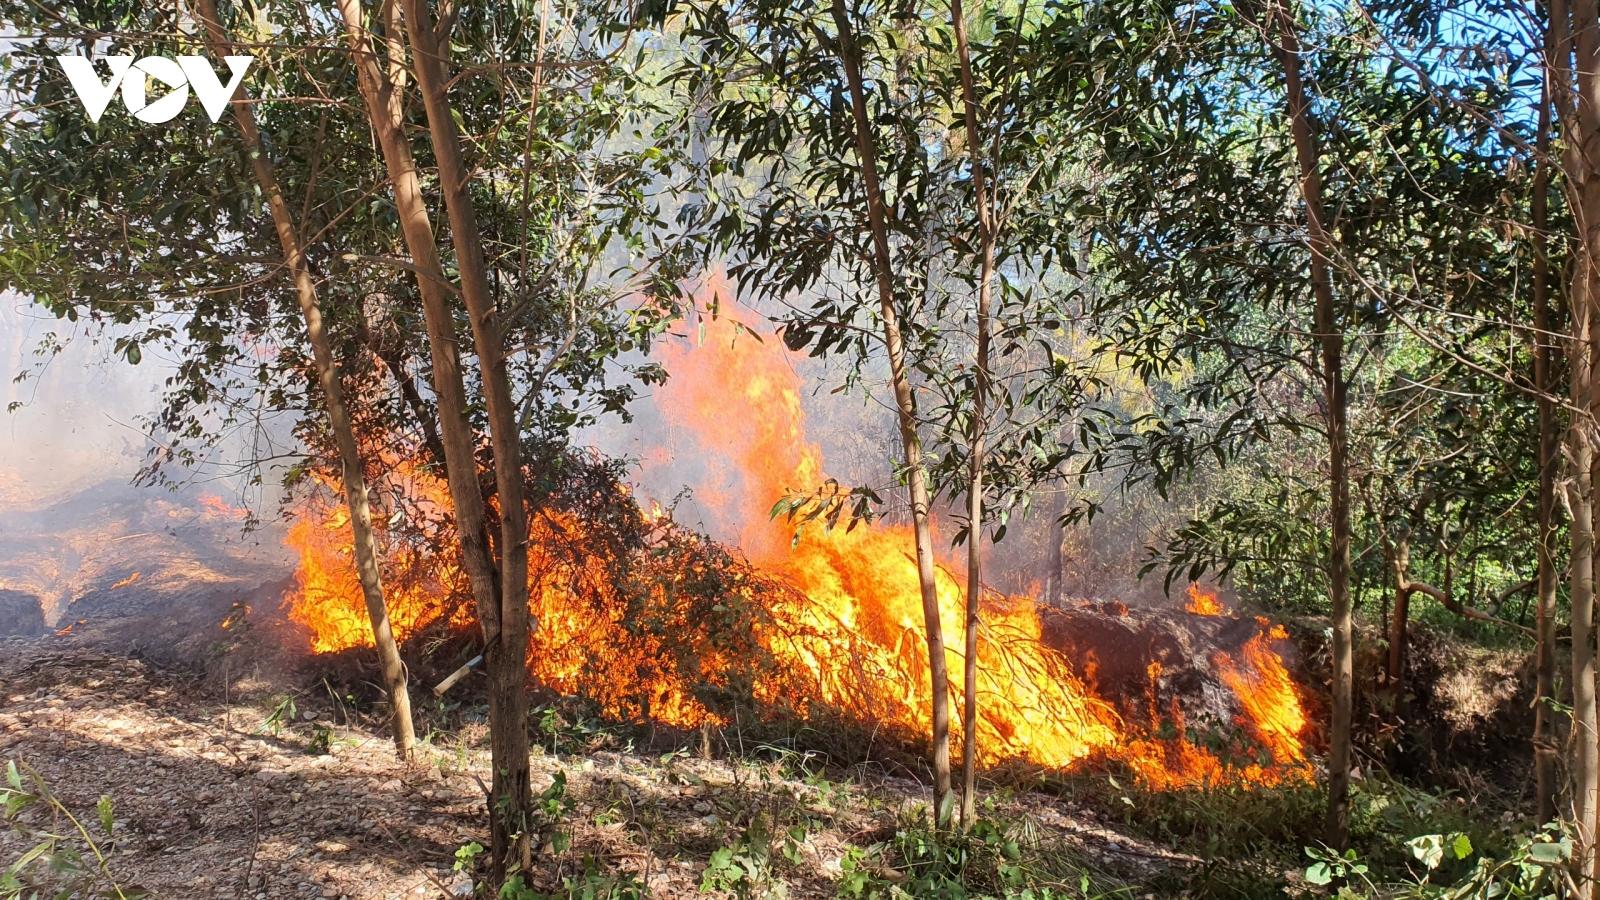 Huế huy động 800 cán bộ chiến sĩ và 80 xe cứu hỏa để khống chế cháy rừng